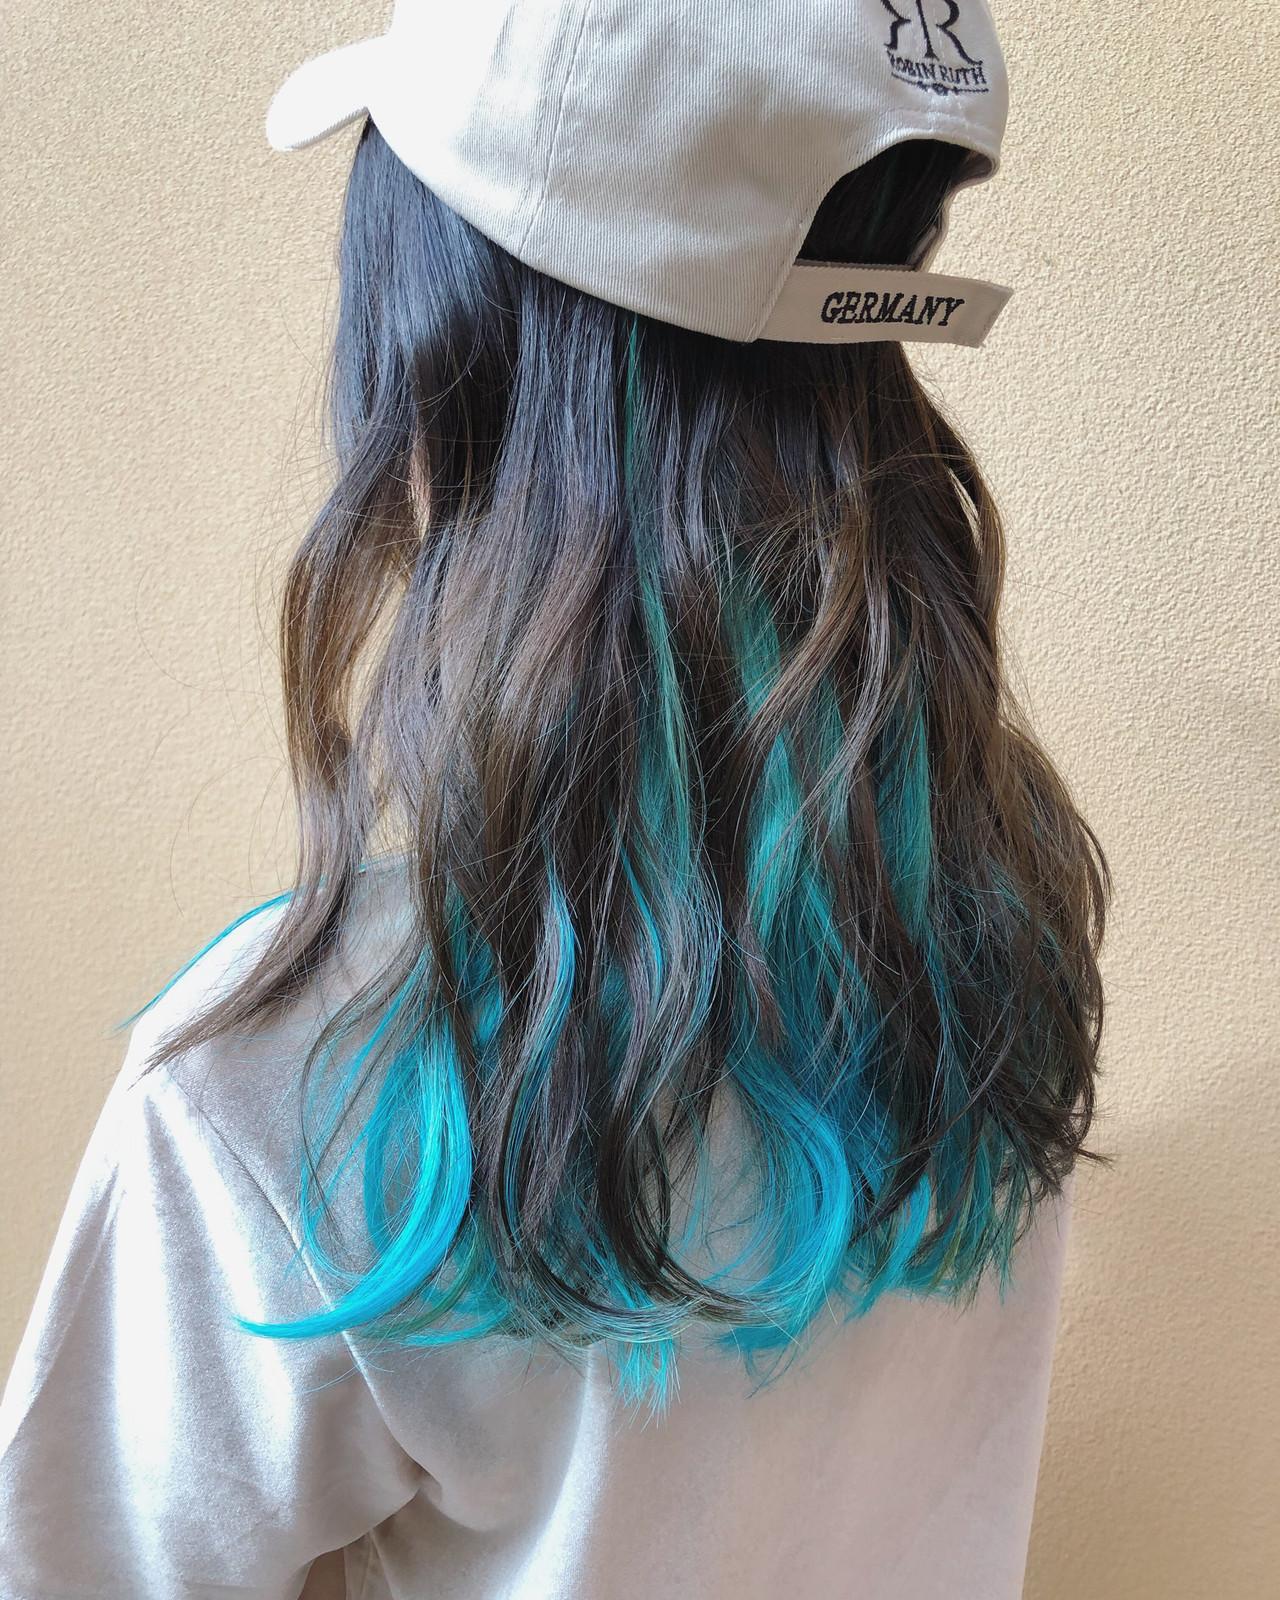 セミロング インナーカラー ストリート クール ヘアスタイルや髪型の写真・画像